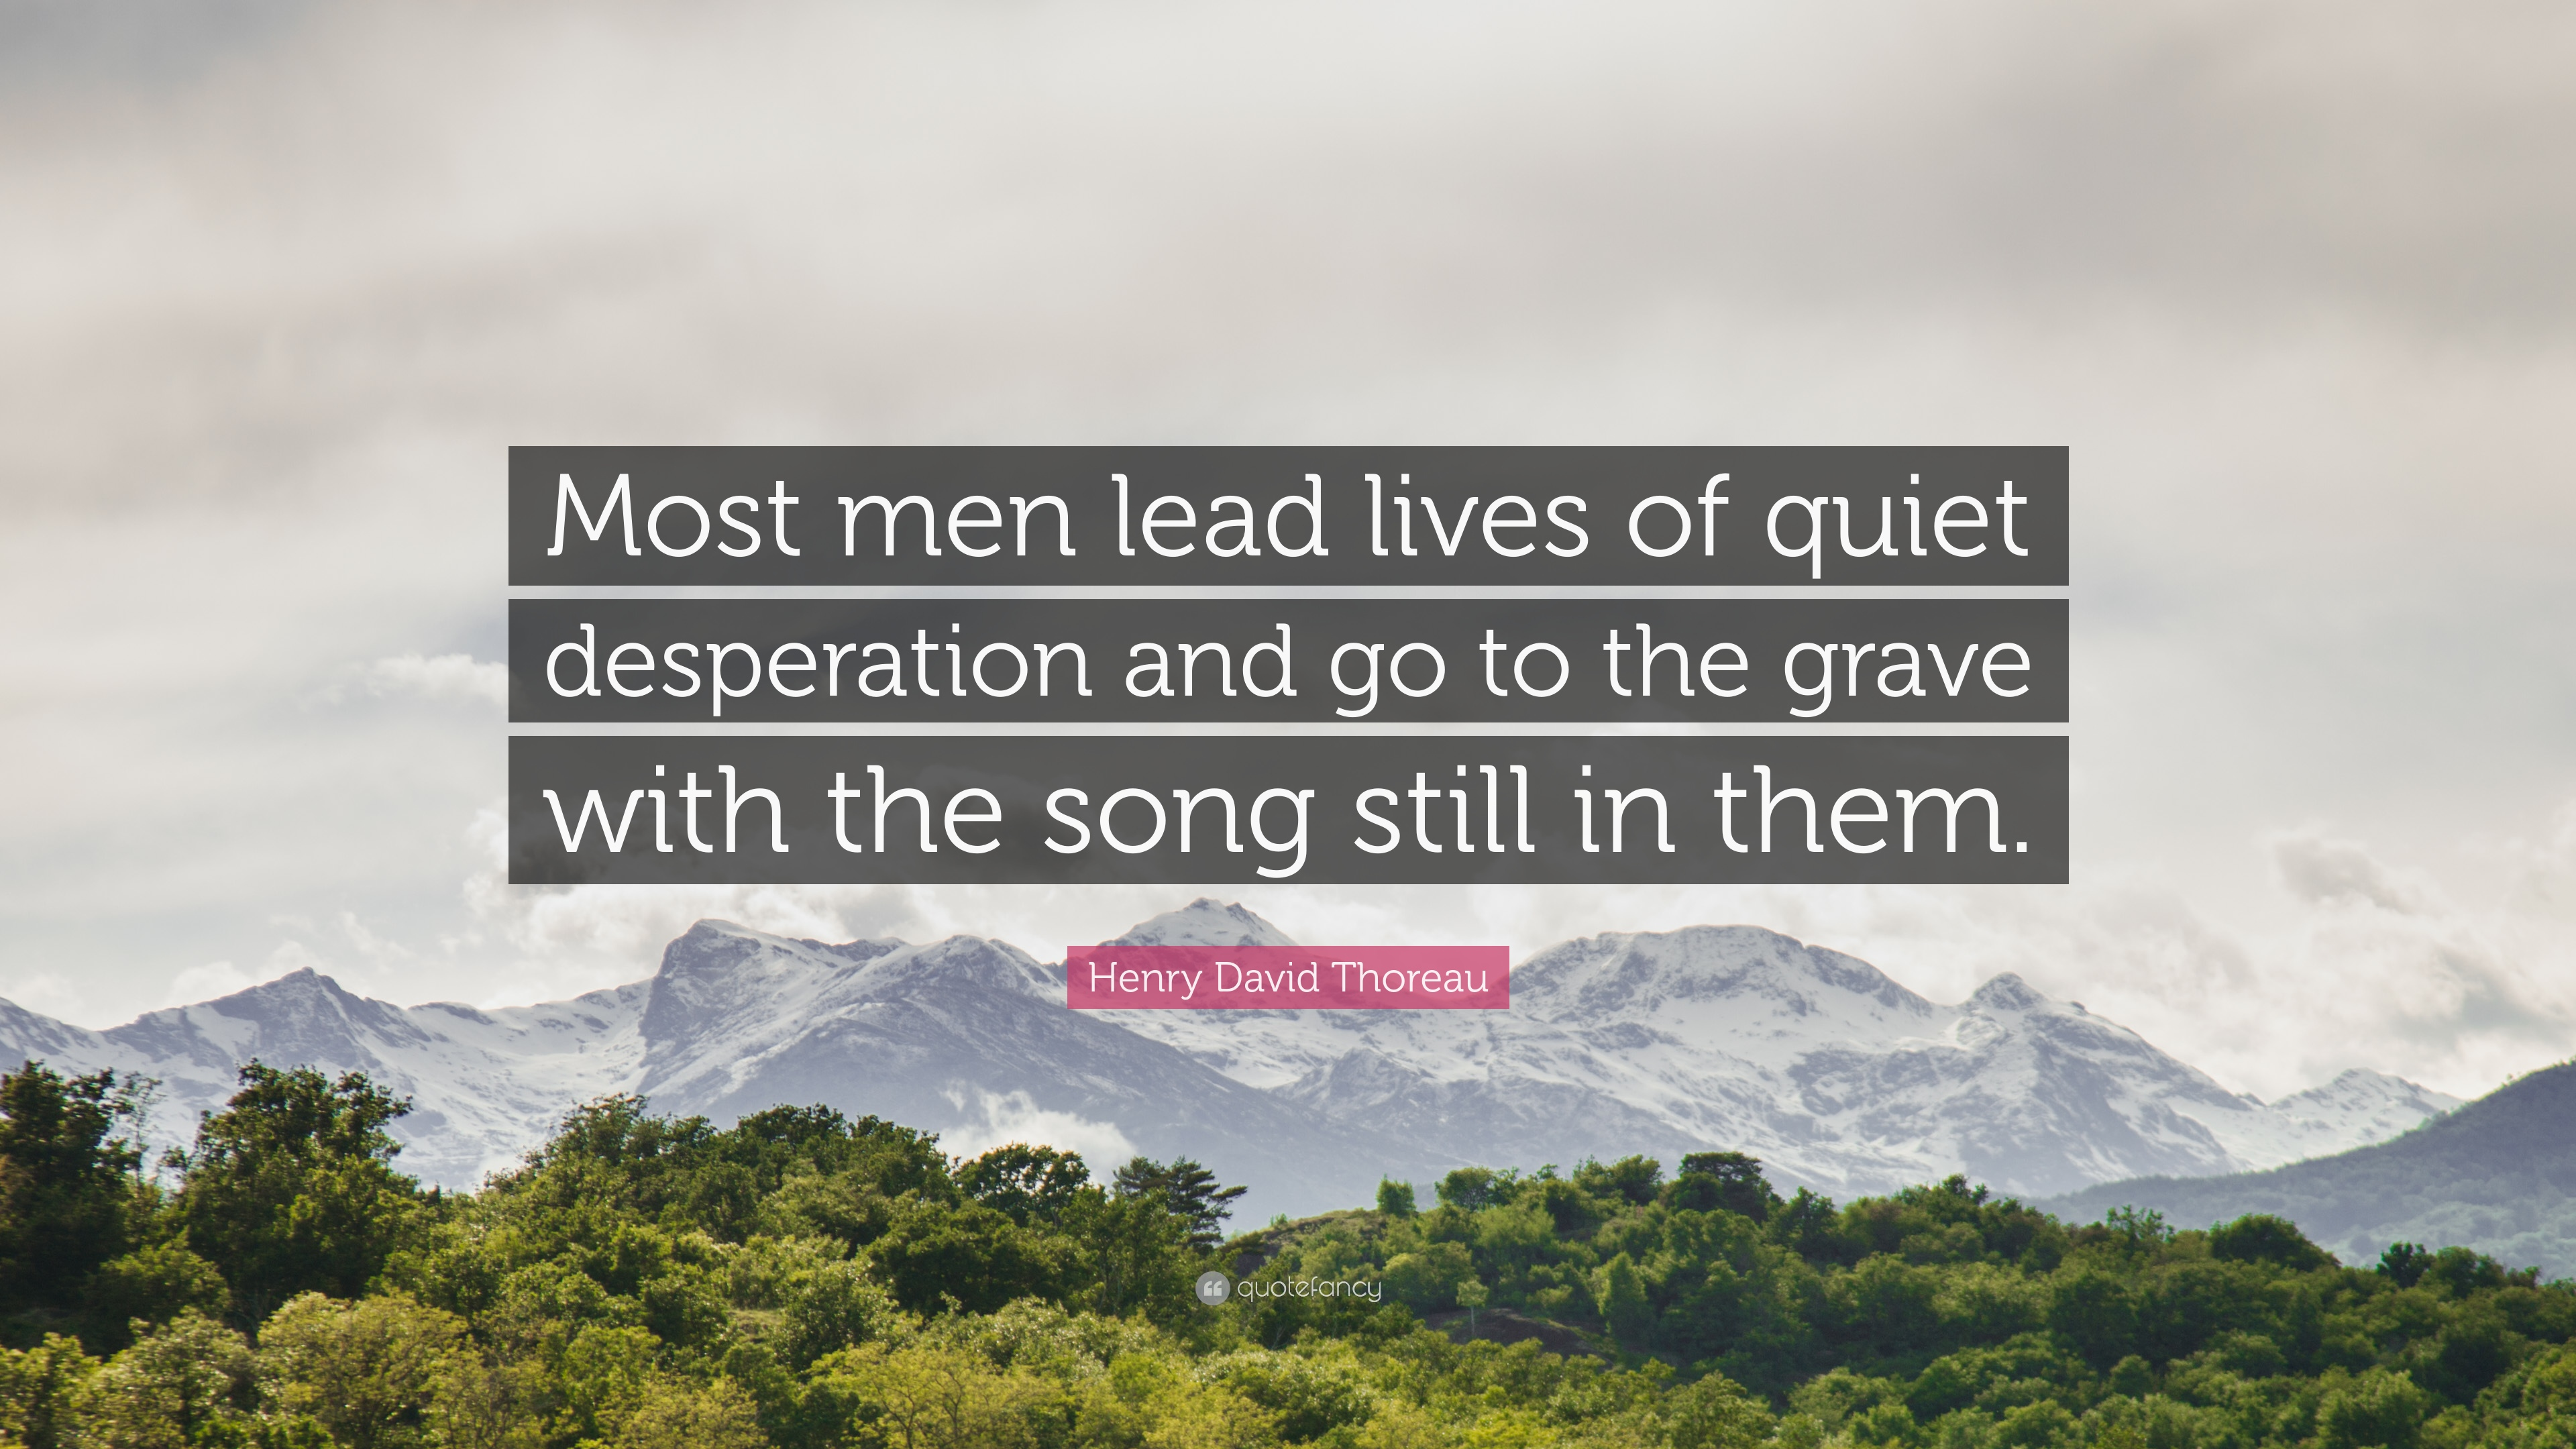 thoreau lives of quiet desperation